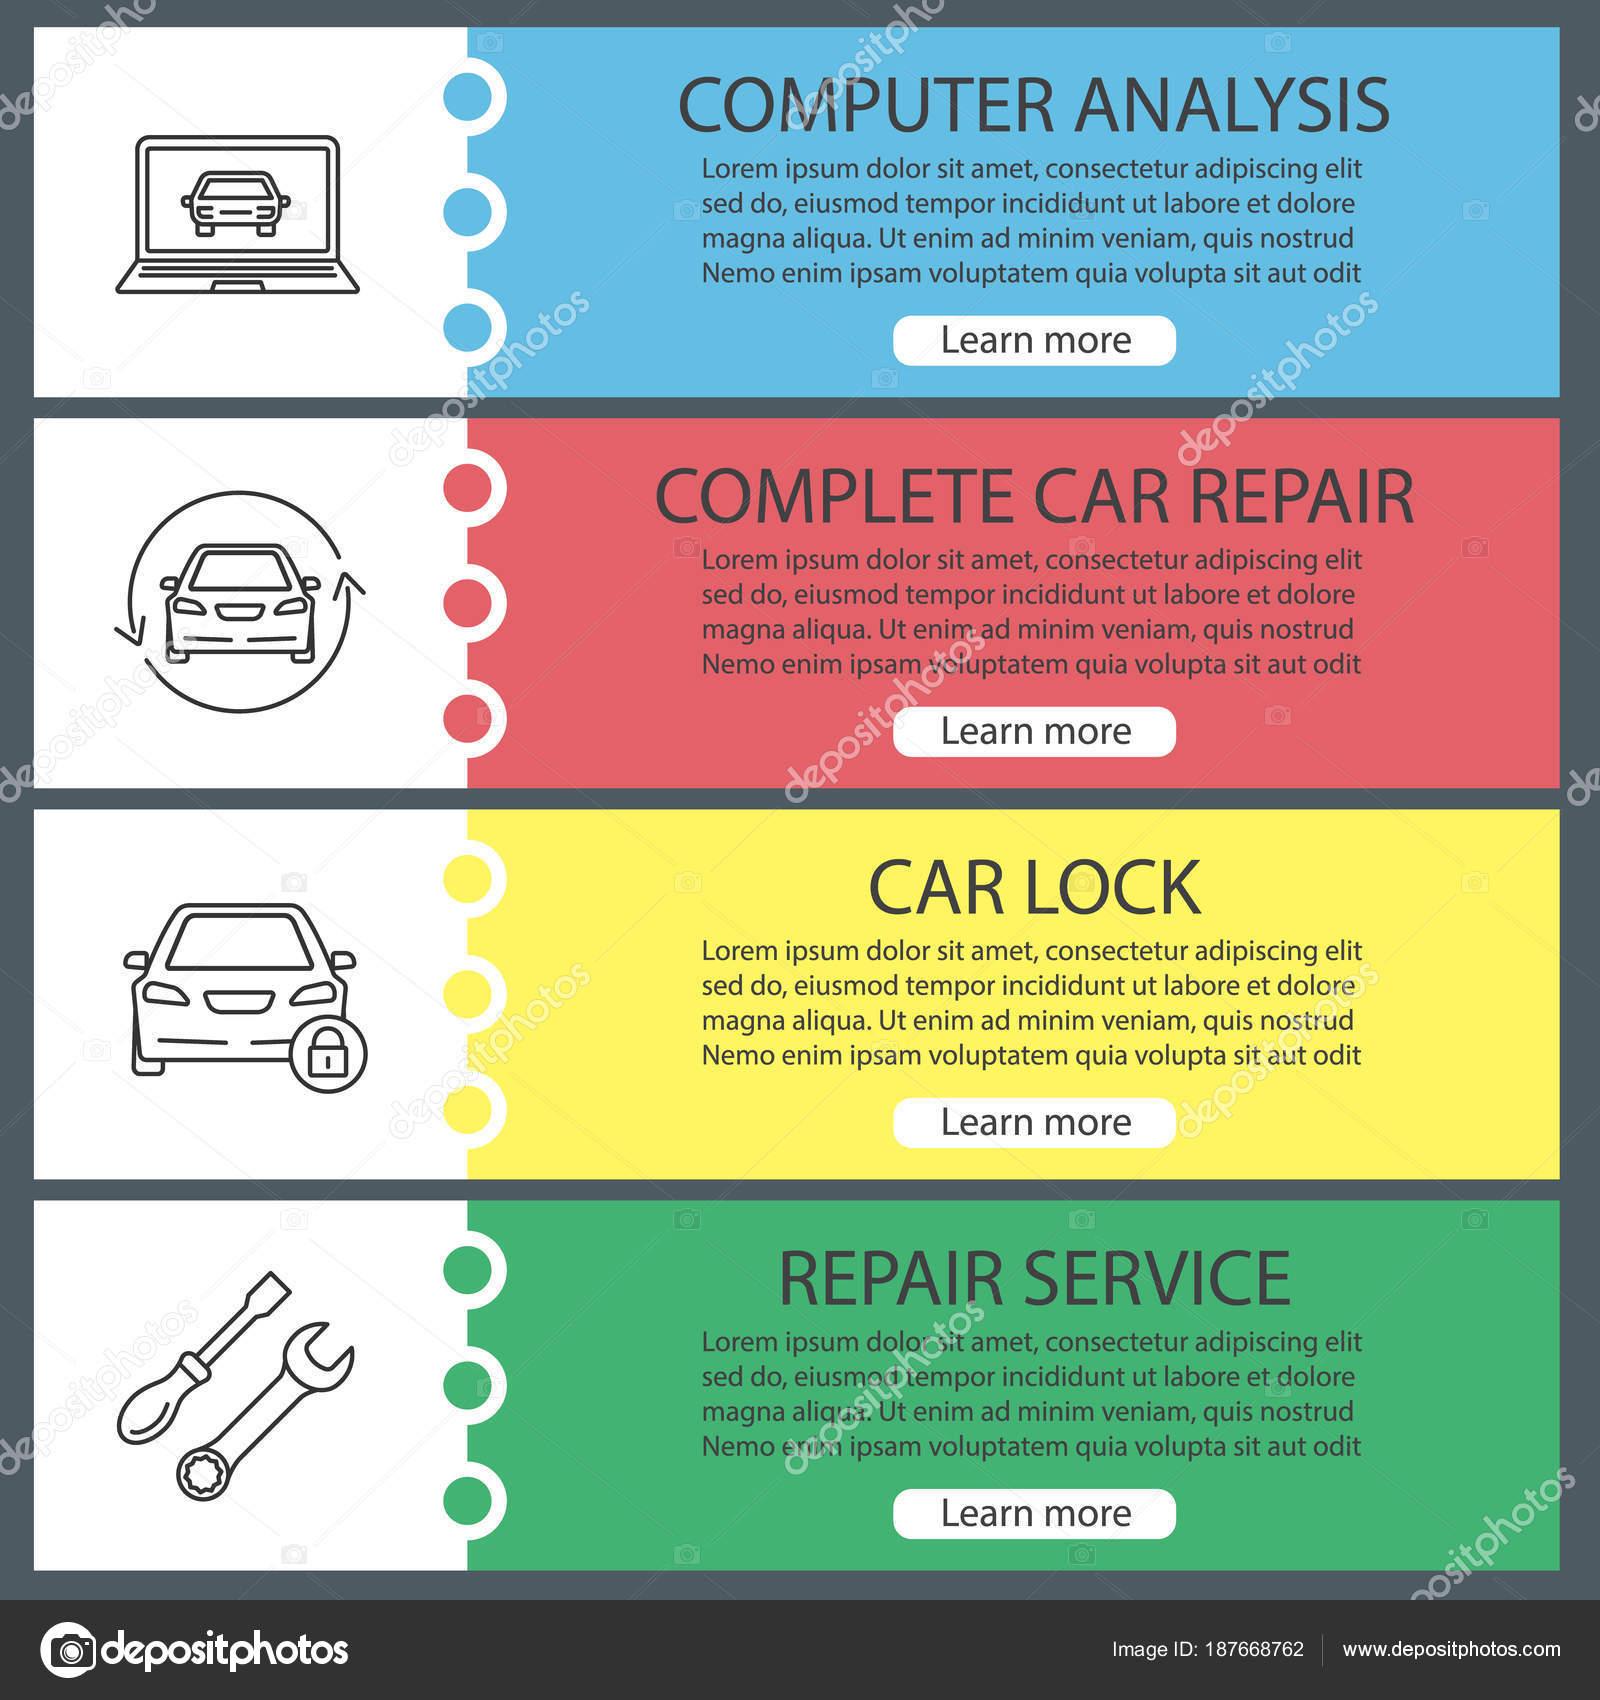 eaef3d642152 Установите Авто Мастерская веб-баннер шаблоны. Компьютерный анализ, ремонт  автомобилей, замок, гаечный ключ и отвертку. Пункты меню цвета веб-сайта с  ...